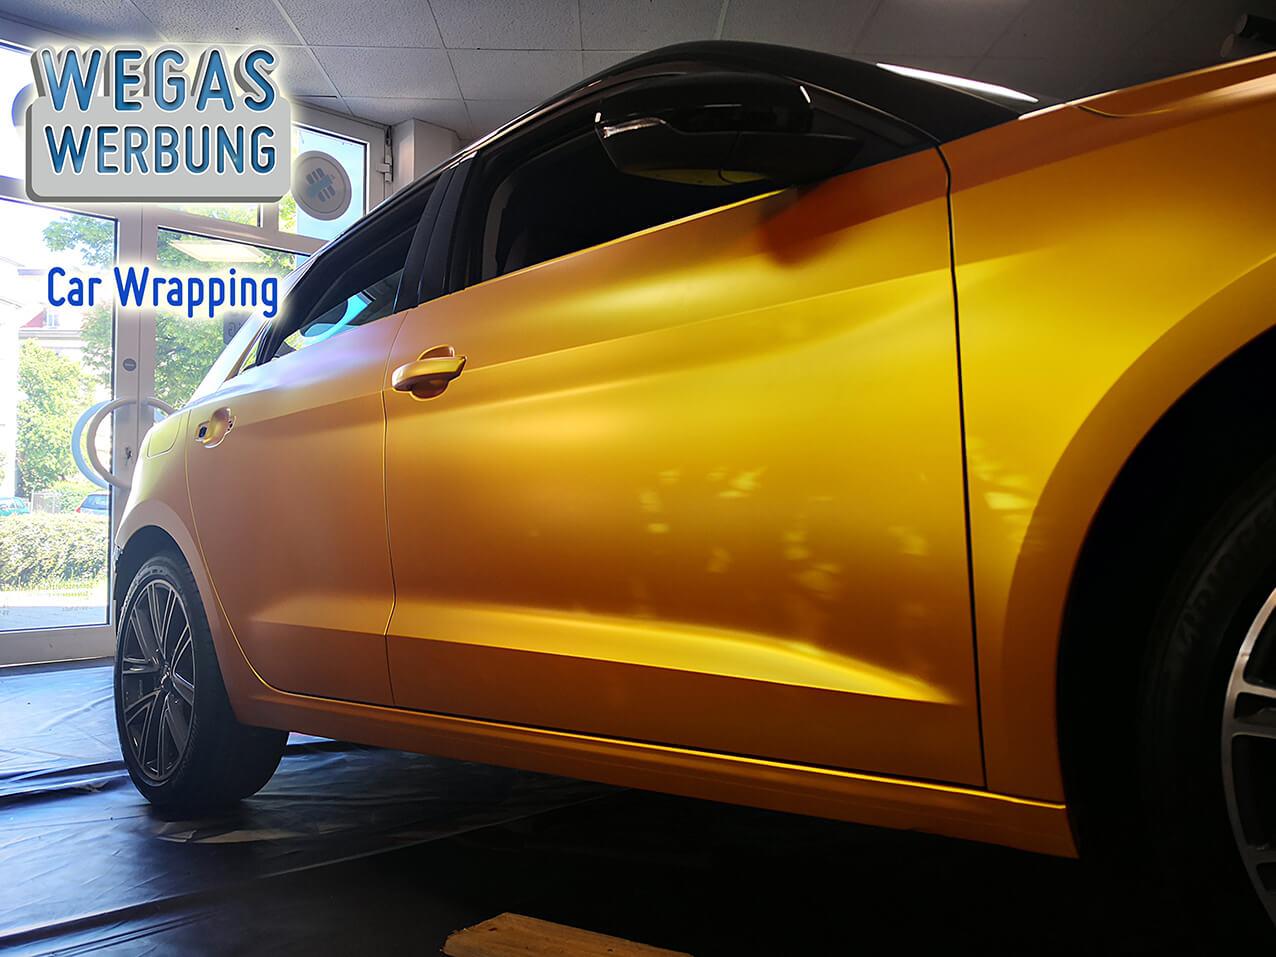 Wegaswerbung-Carwrapping-Autofolie-Fahrzeugfolierung-Dresden-Blog-Bild-Start